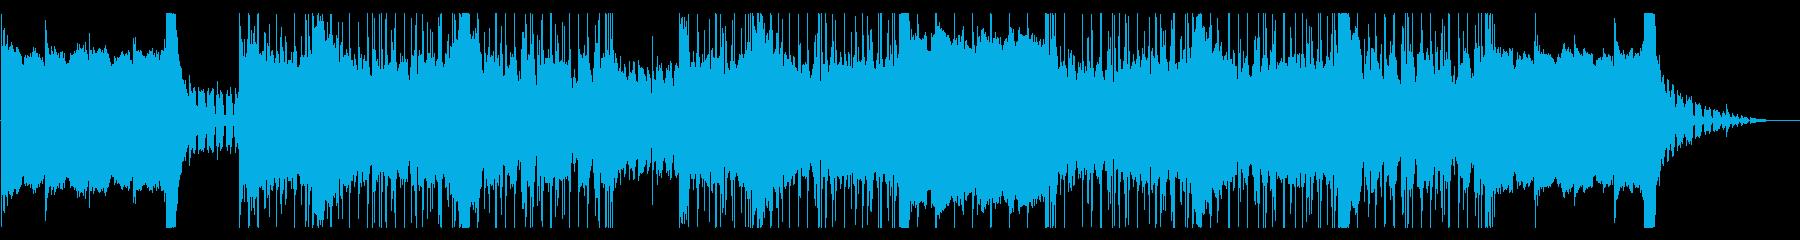 劇伴のような壮大さのTRAPの再生済みの波形